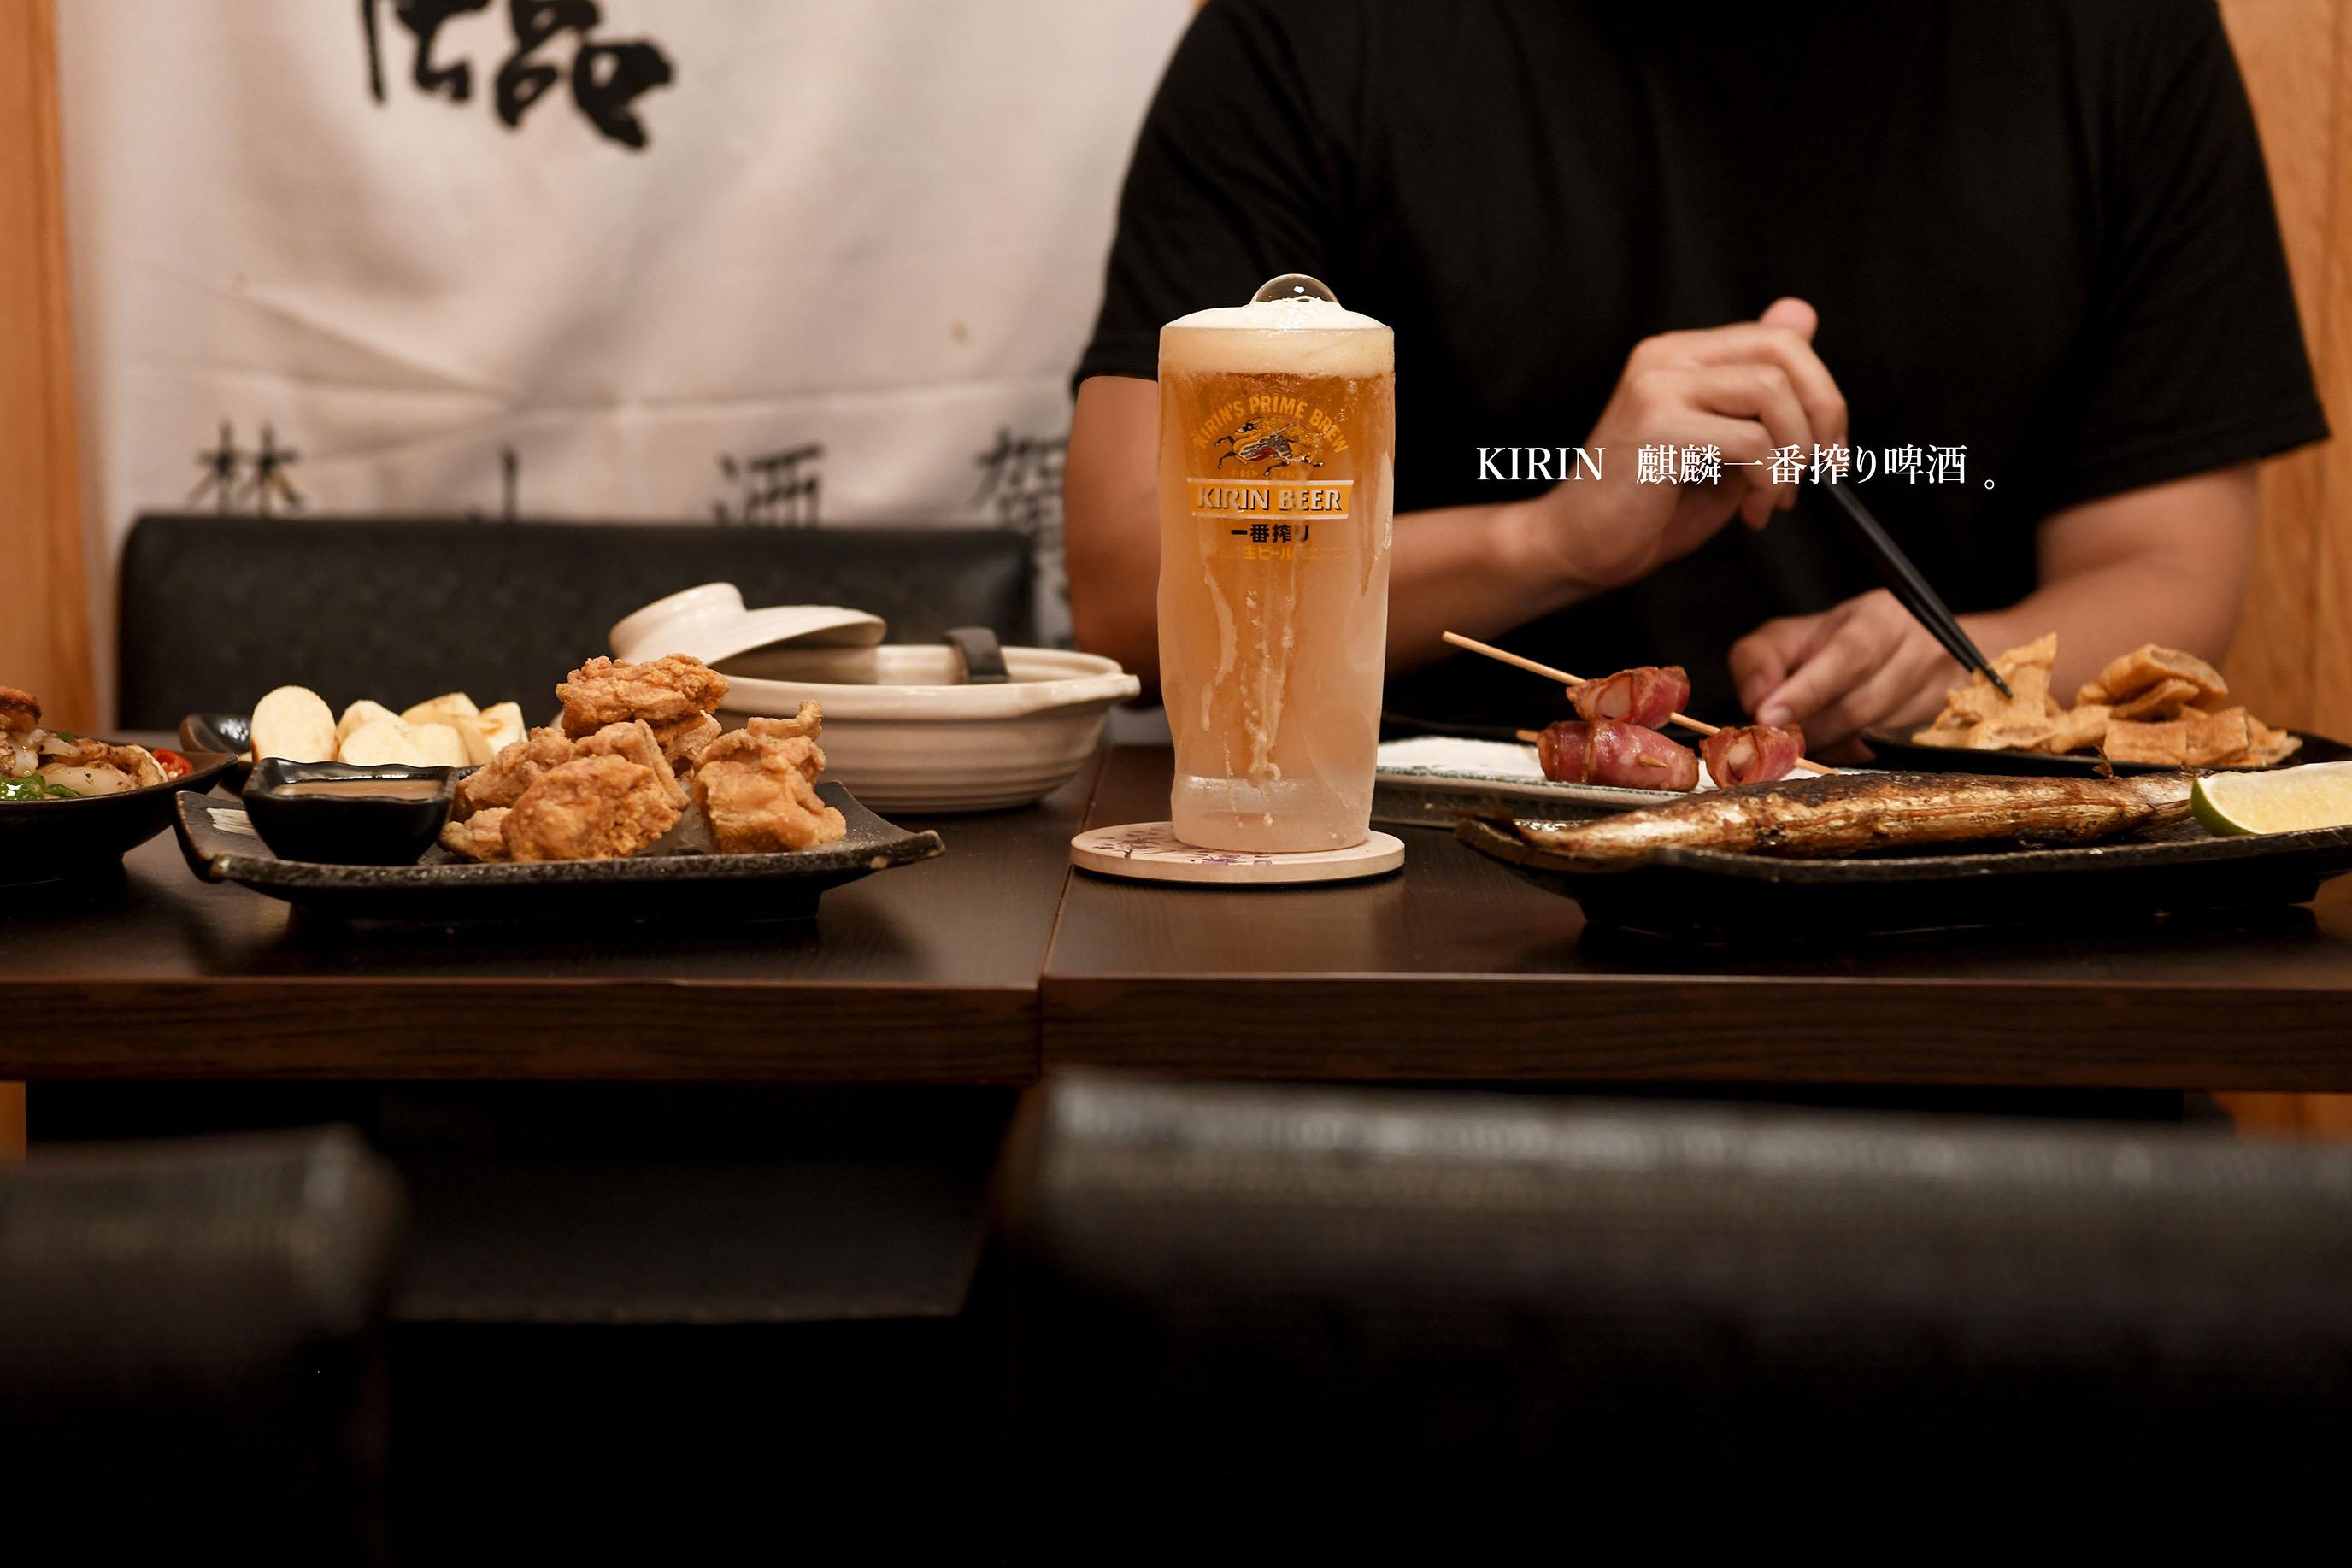 享受一個人的宵夜場|麒麟一番搾り啤酒 @MENS 30S LIFE